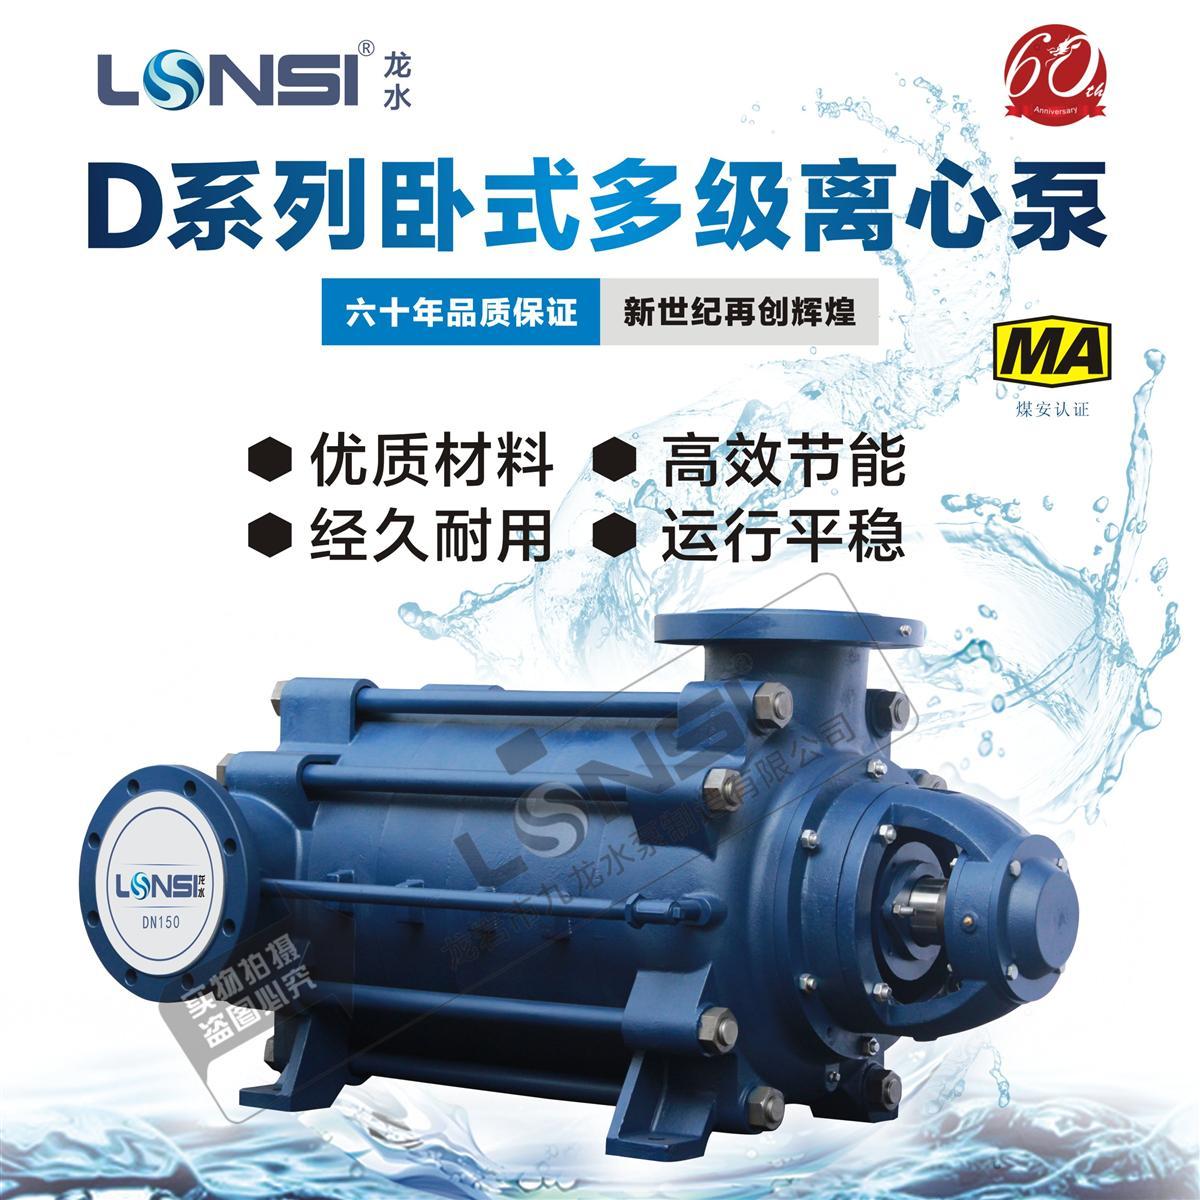 直销LONSI/龙水牌D系列卧式多级单吸离心泵工业矿业用泵热水油品耐腐泵